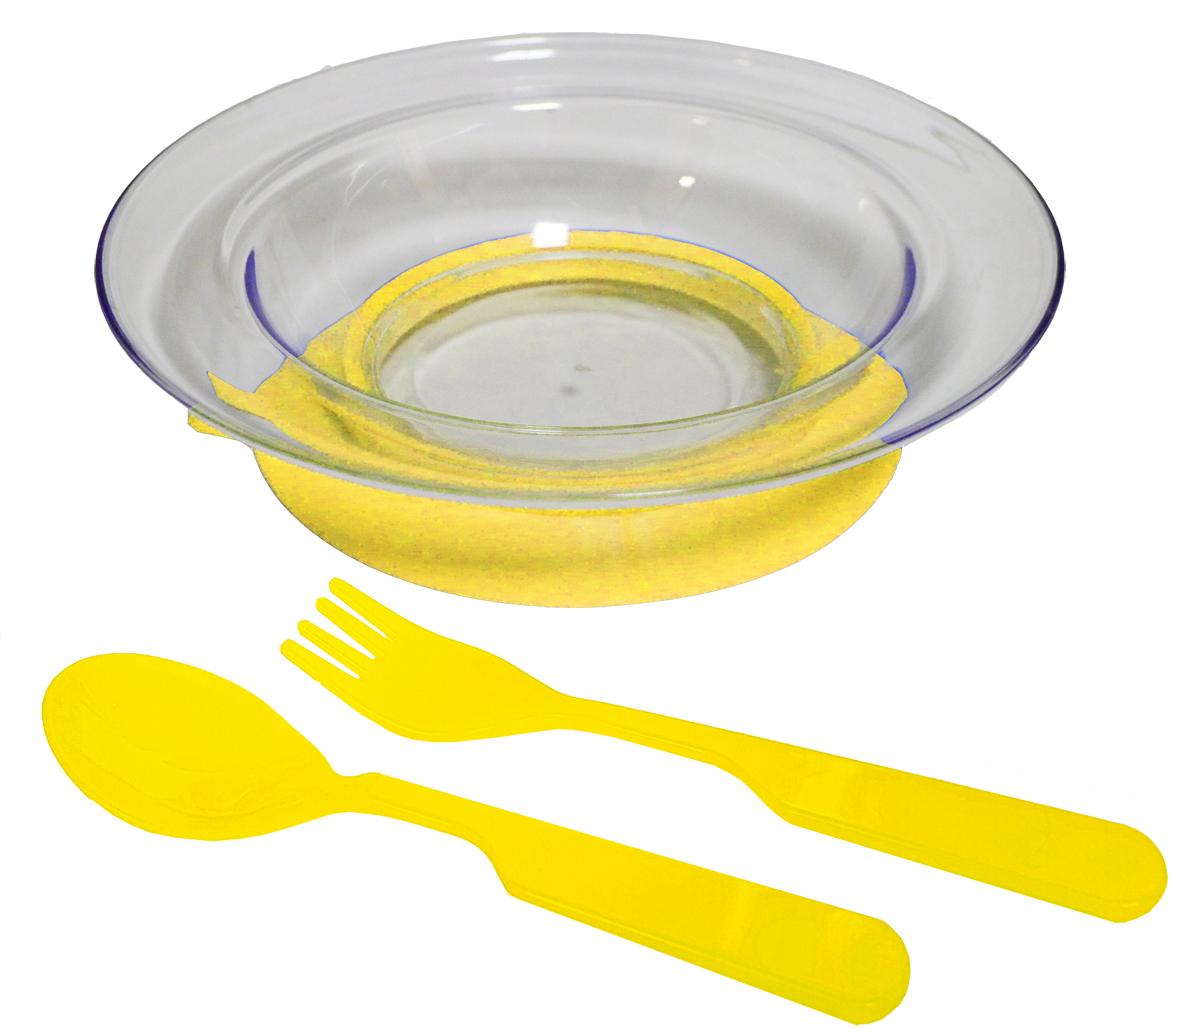 Набор детской посуды цвет желтый 3 предмета 1214К4195Набор посуды из 3-х предметов, идеальный для начала самостоятельного питания малыша. Произведено в России из безопасного пищевого пластика. Форма изготовлена по лучшим европейским технологиям. Эргономичные и безопасные ложка-вилка. Глубокая тарелка на съемной присоске предотвращает скольжение по столу и переворачивание. Яркие цвета и удобная форма обеспечивают удовольствие от кормления. Можно мыть в посудомоечной машине и ставить в СВЧ (снять присоску с тарелки!).